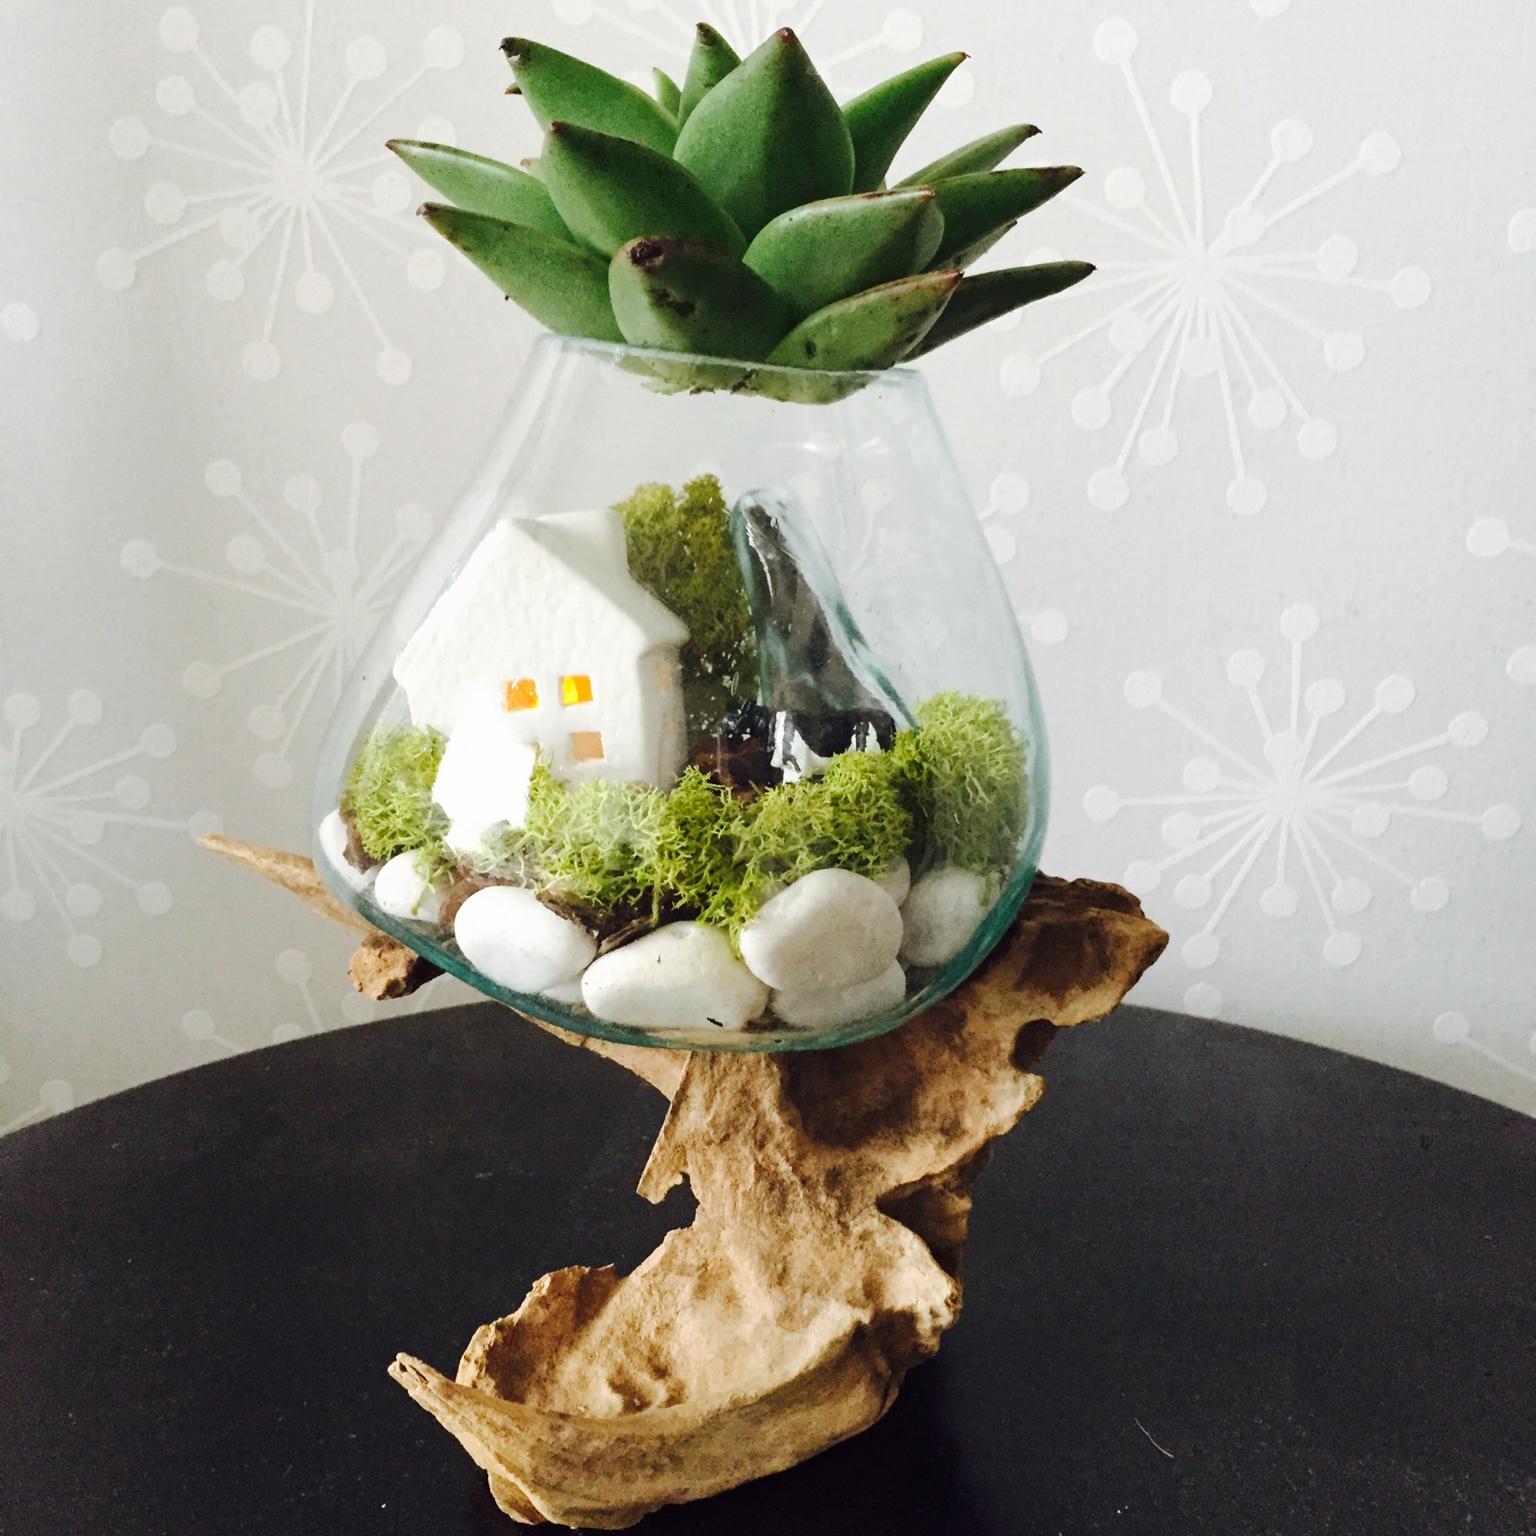 【テラリウムの作り方】苔や多肉植物で小さなお庭を作りませんか?